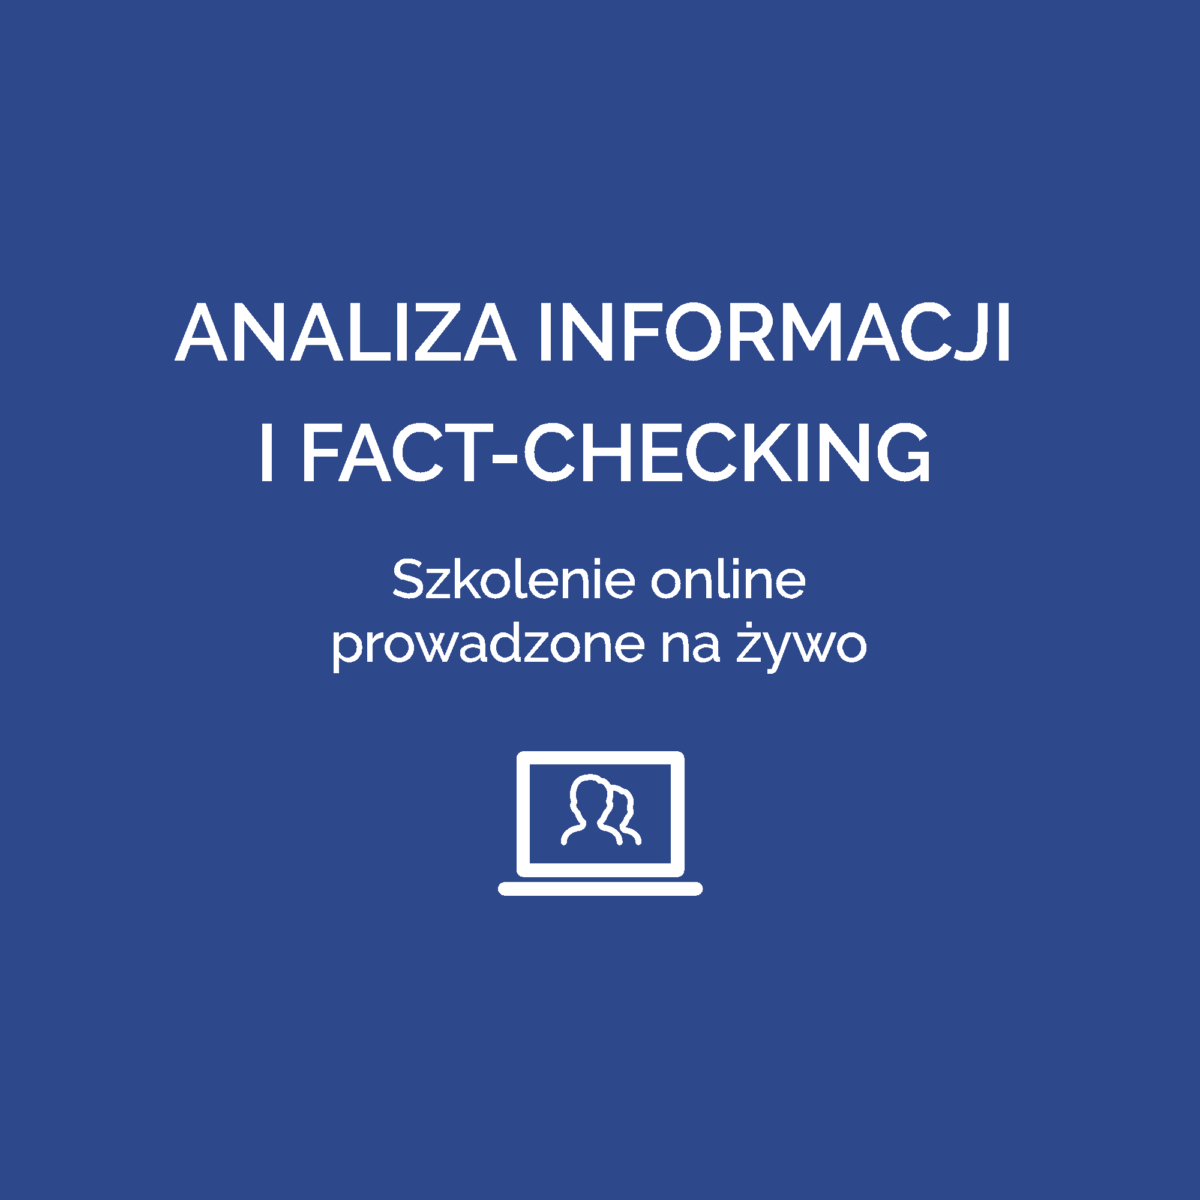 Analiza informacji i fact-checking - Szkolenie online prowadzone na żywo